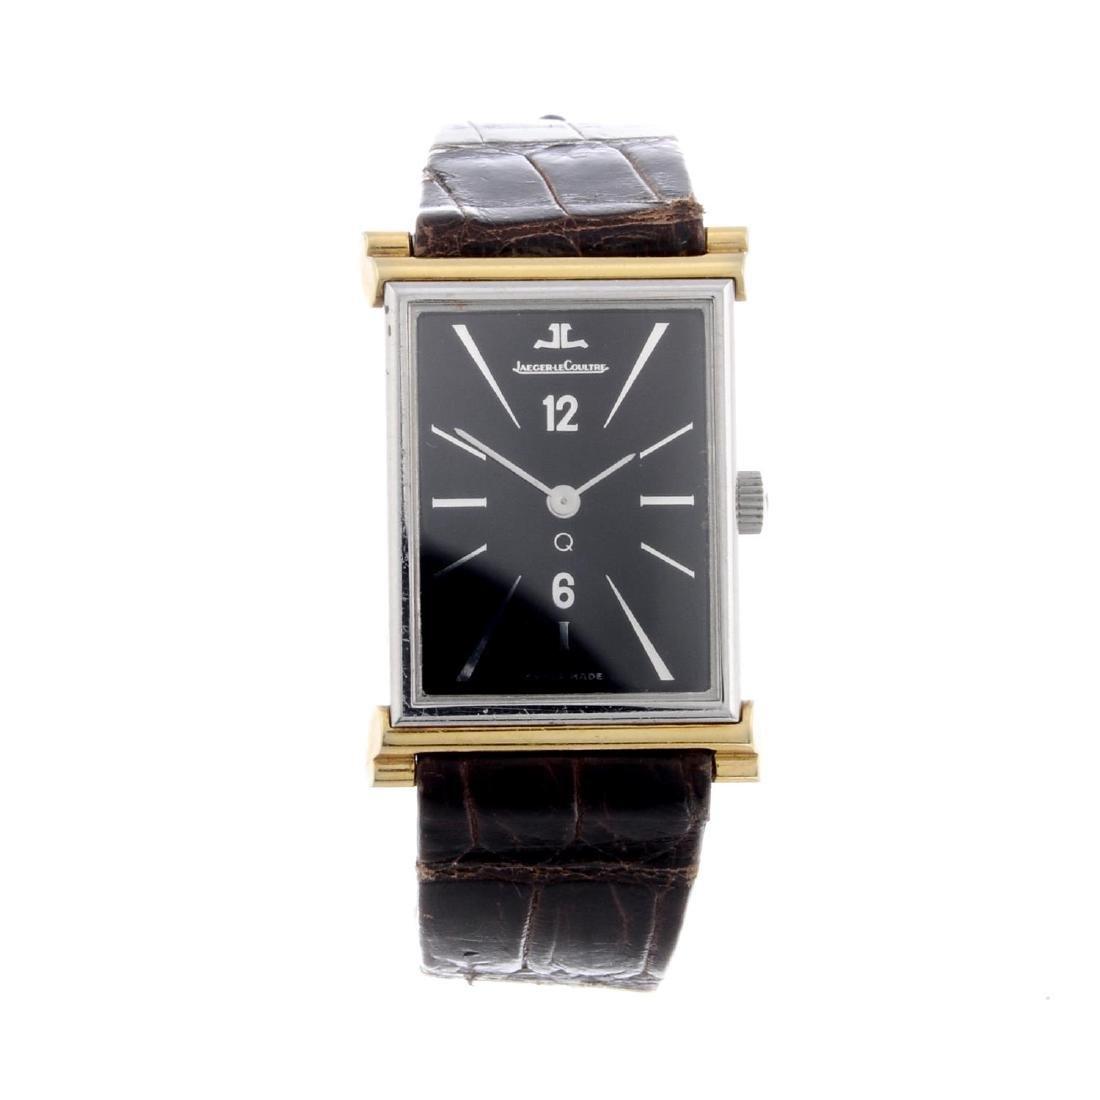 JAEGER-LECOULTRE - a wrist watch. Bi-metal case.